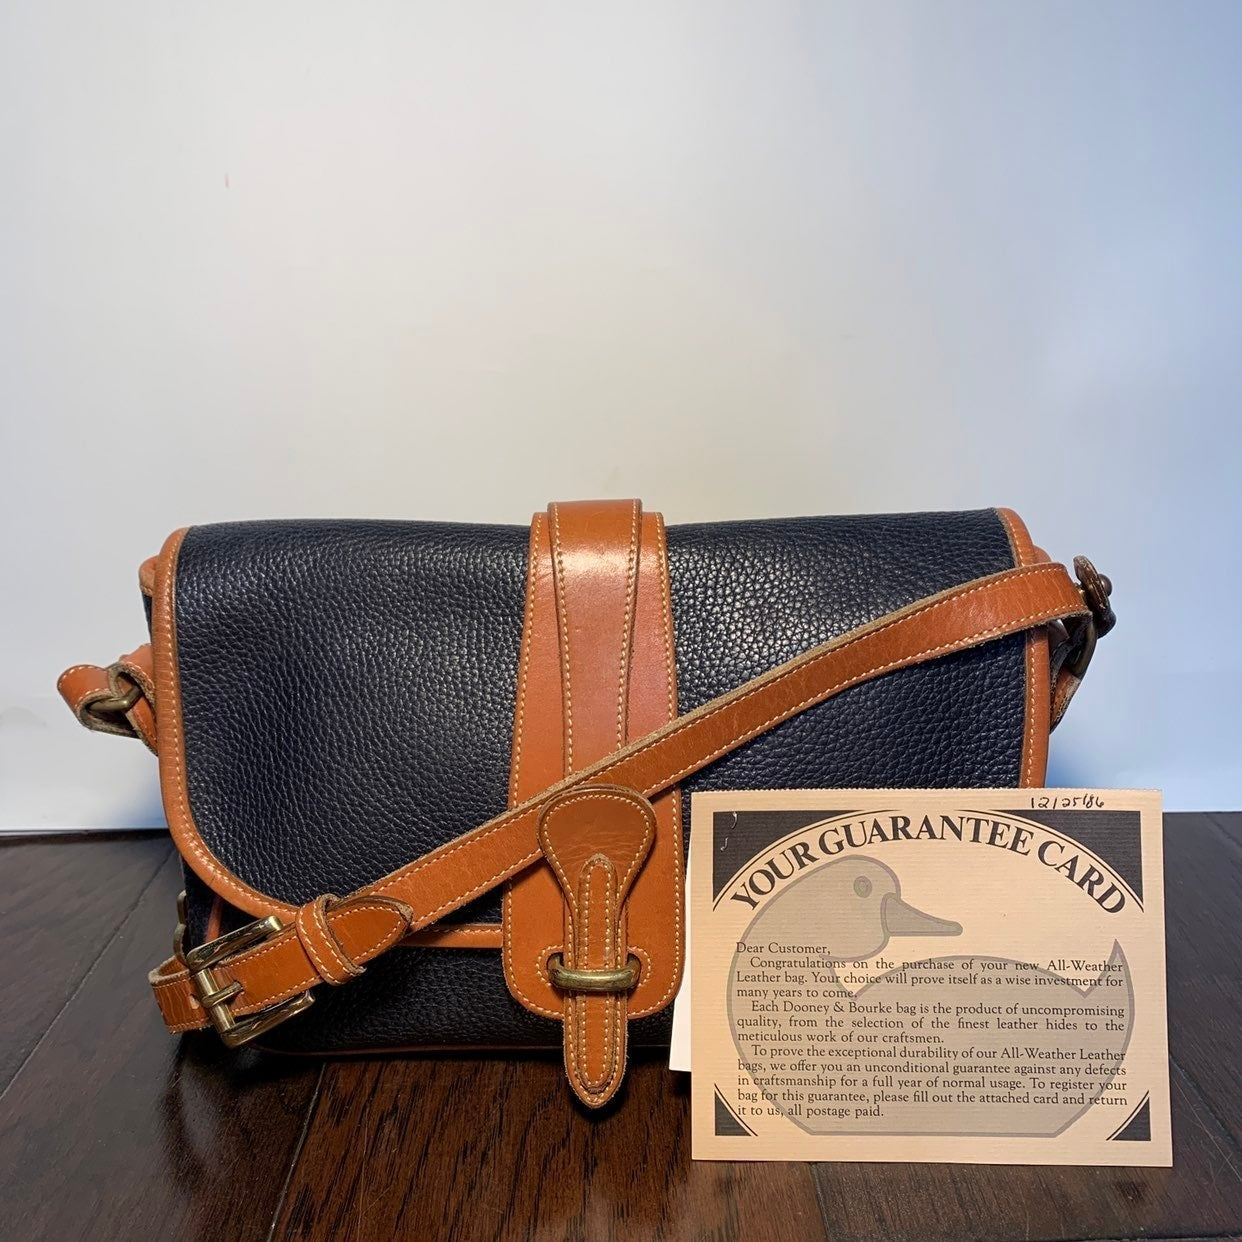 Vintage Dooney & Bourke Classic Bag